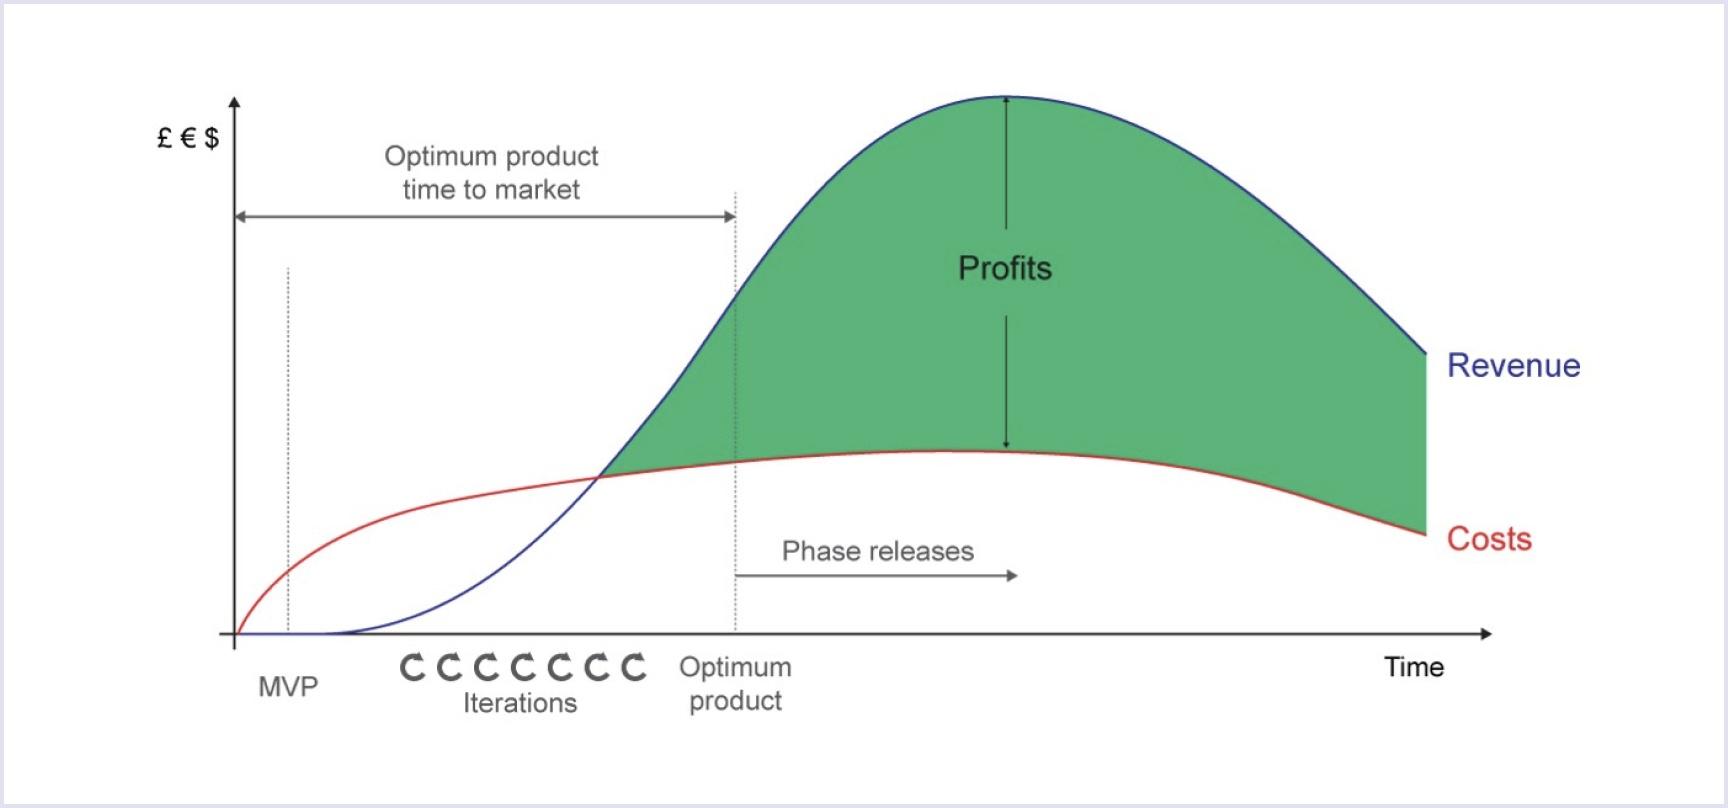 Optimum product